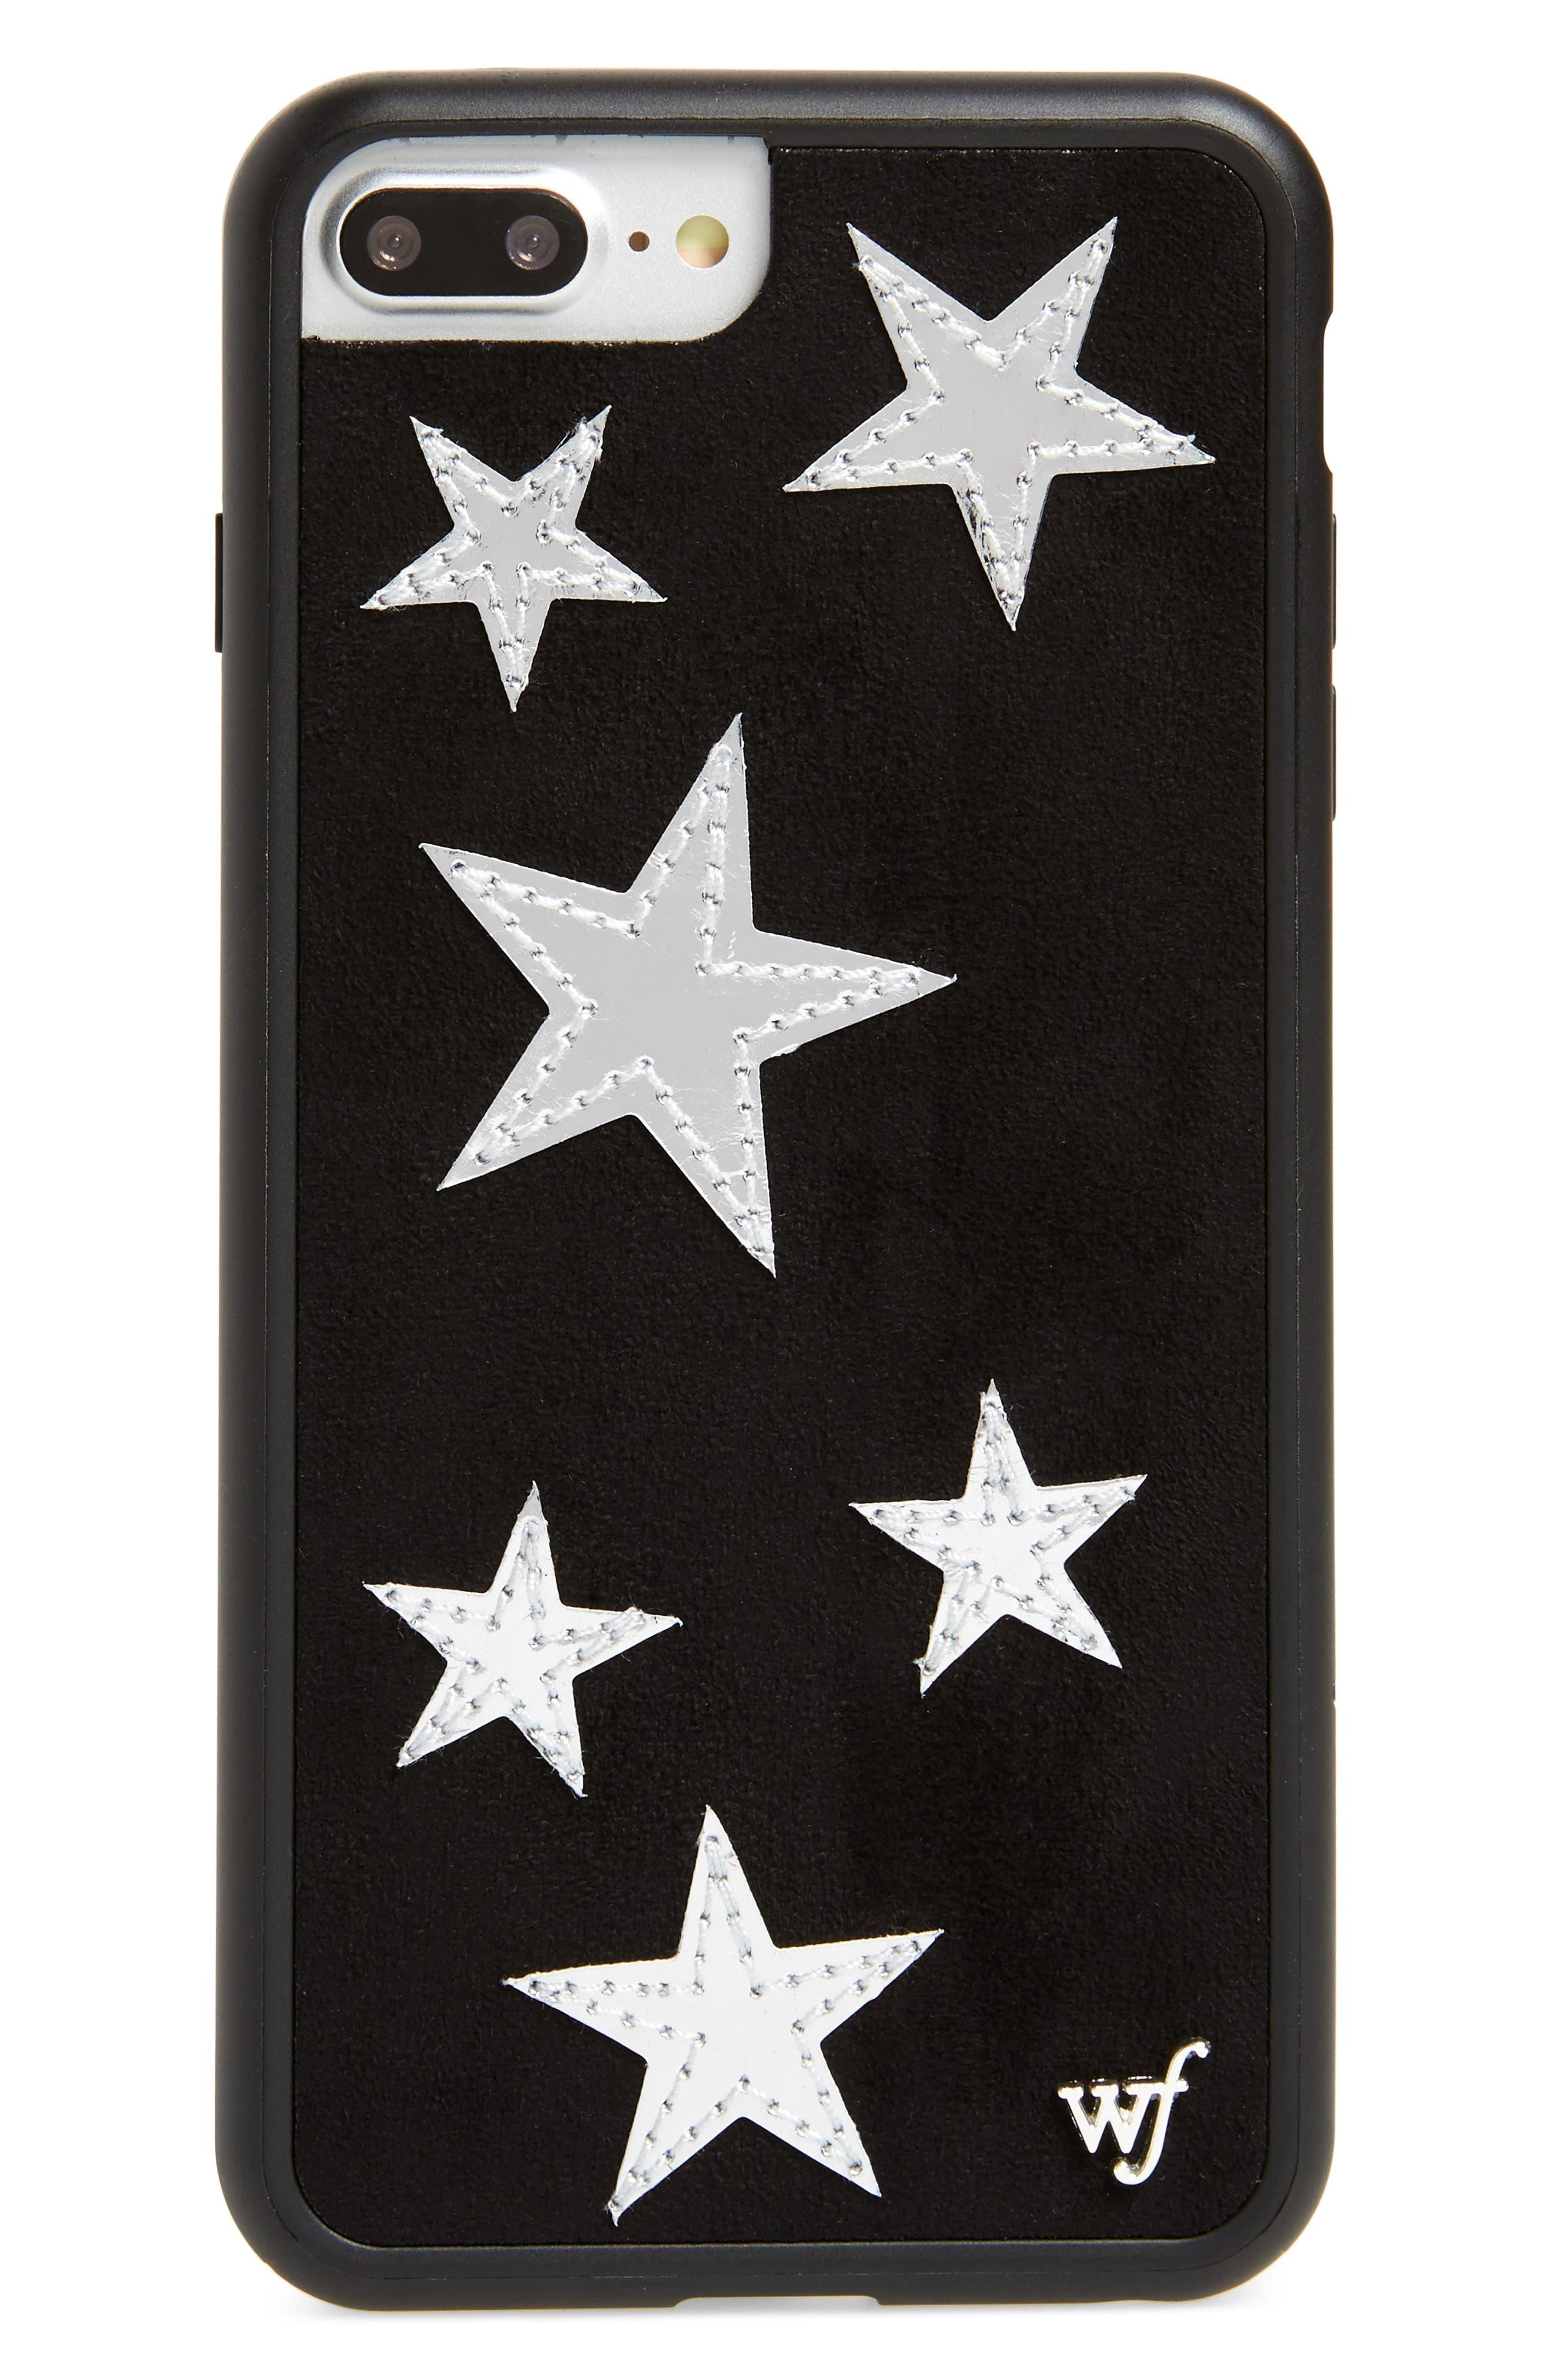 Velvet Stars iPhone 6/7/8 Plus Phone Case,                         Main,                         color, Black Multi